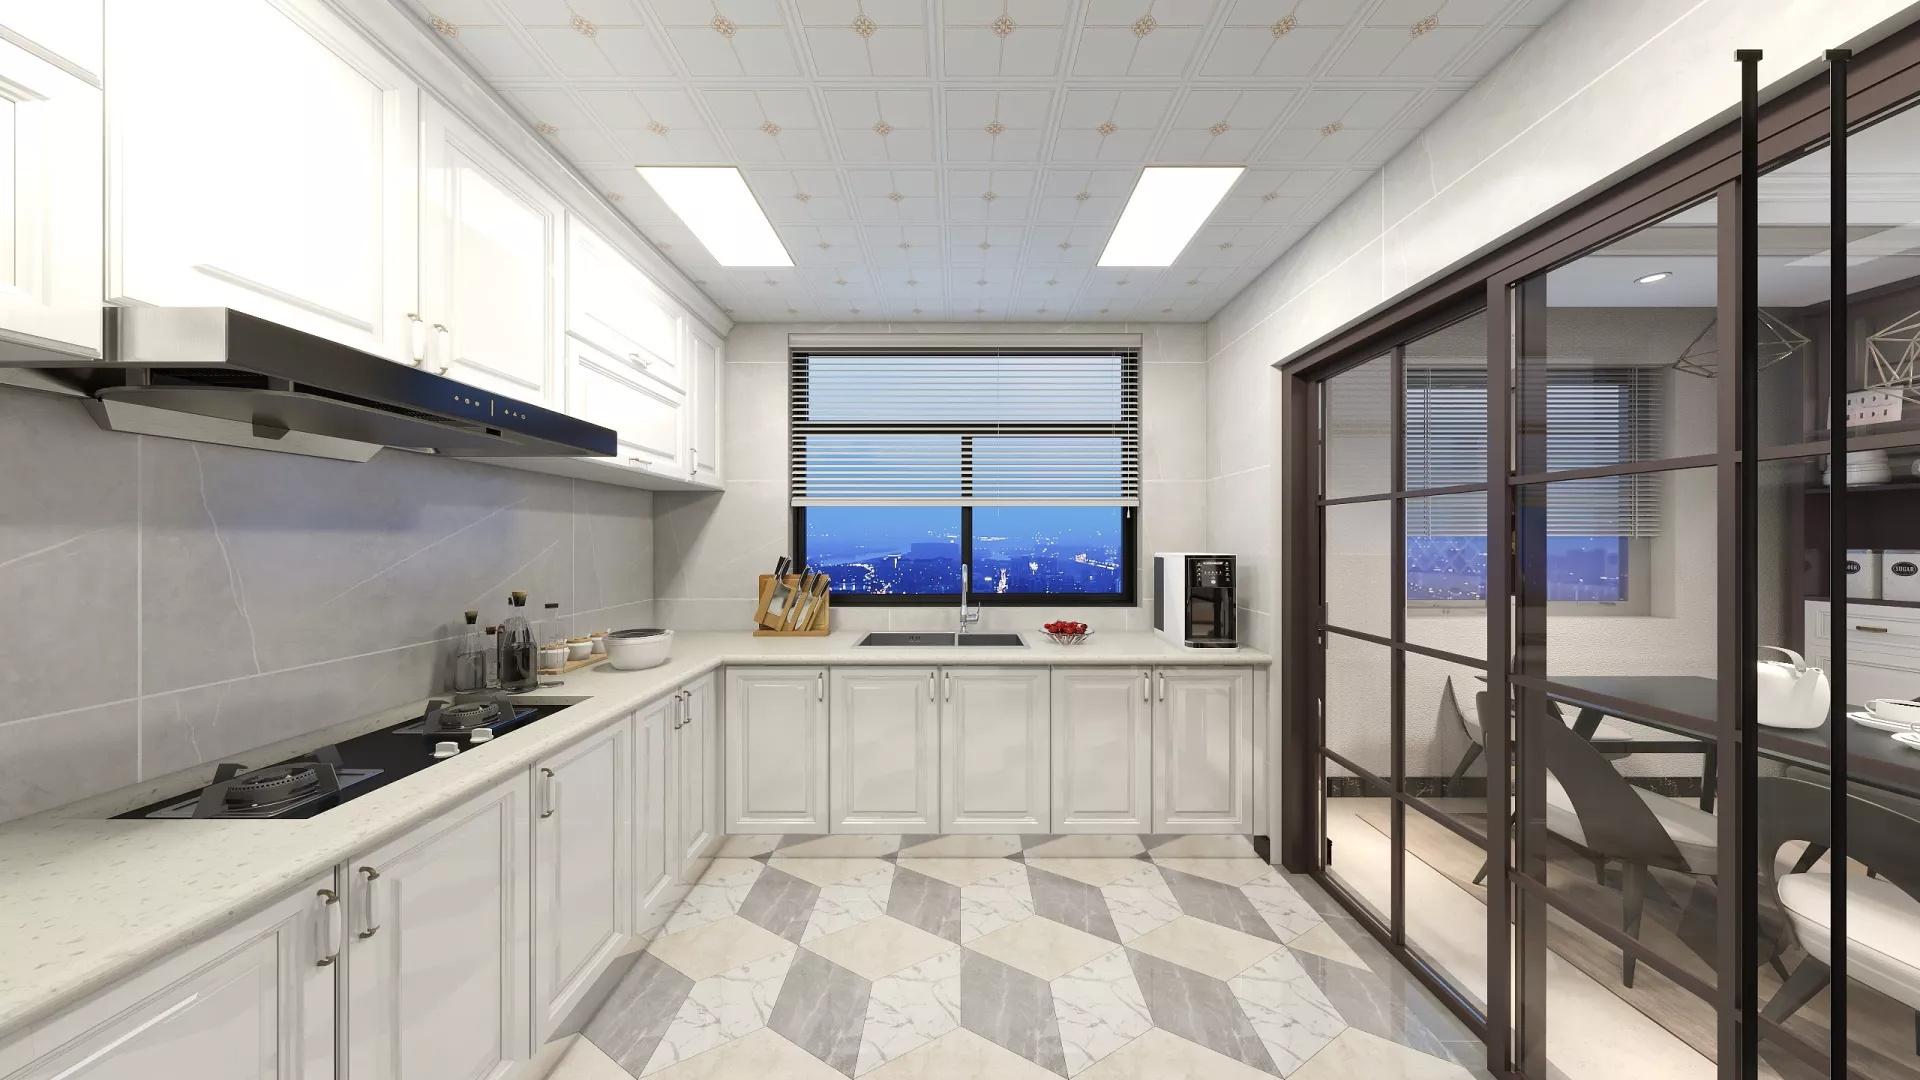 家居復式住宅設計要點有什么?家居復式住宅裝修要注意什么?